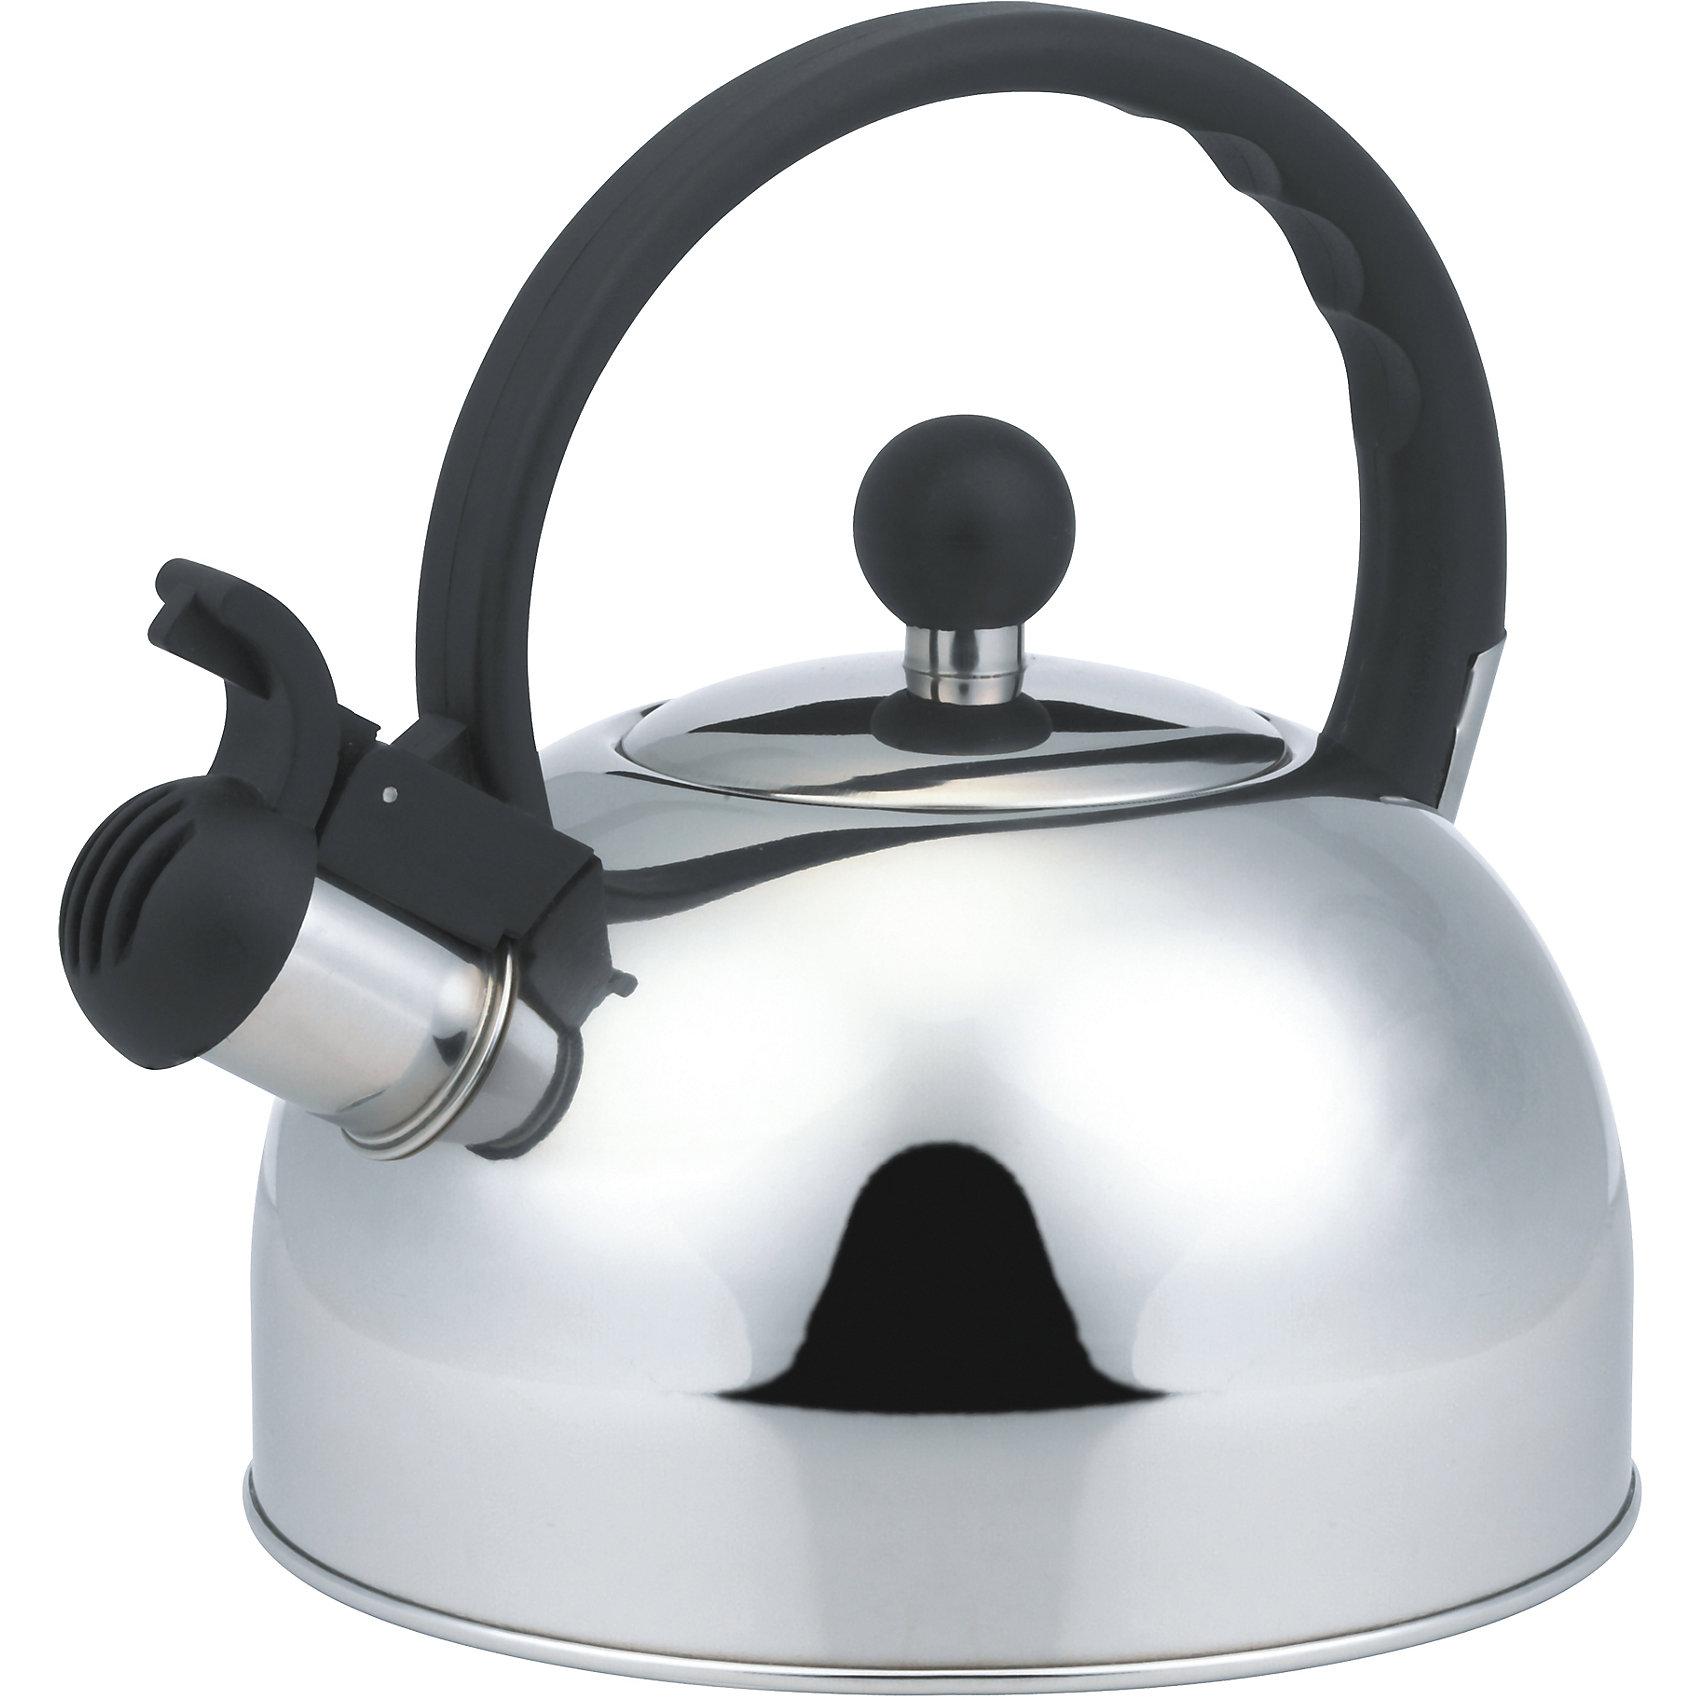 Чайник из нерж. стали DJA-3033, 3,0 л., MallonyБытовая техника для кухни<br>Чайник из нерж. стали DJA-3033 (3,0 литра, со свистком, капсульное дно)<br><br>Ширина мм: 200<br>Глубина мм: 200<br>Высота мм: 210<br>Вес г: 736<br>Возраст от месяцев: 216<br>Возраст до месяцев: 1188<br>Пол: Унисекс<br>Возраст: Детский<br>SKU: 5622847